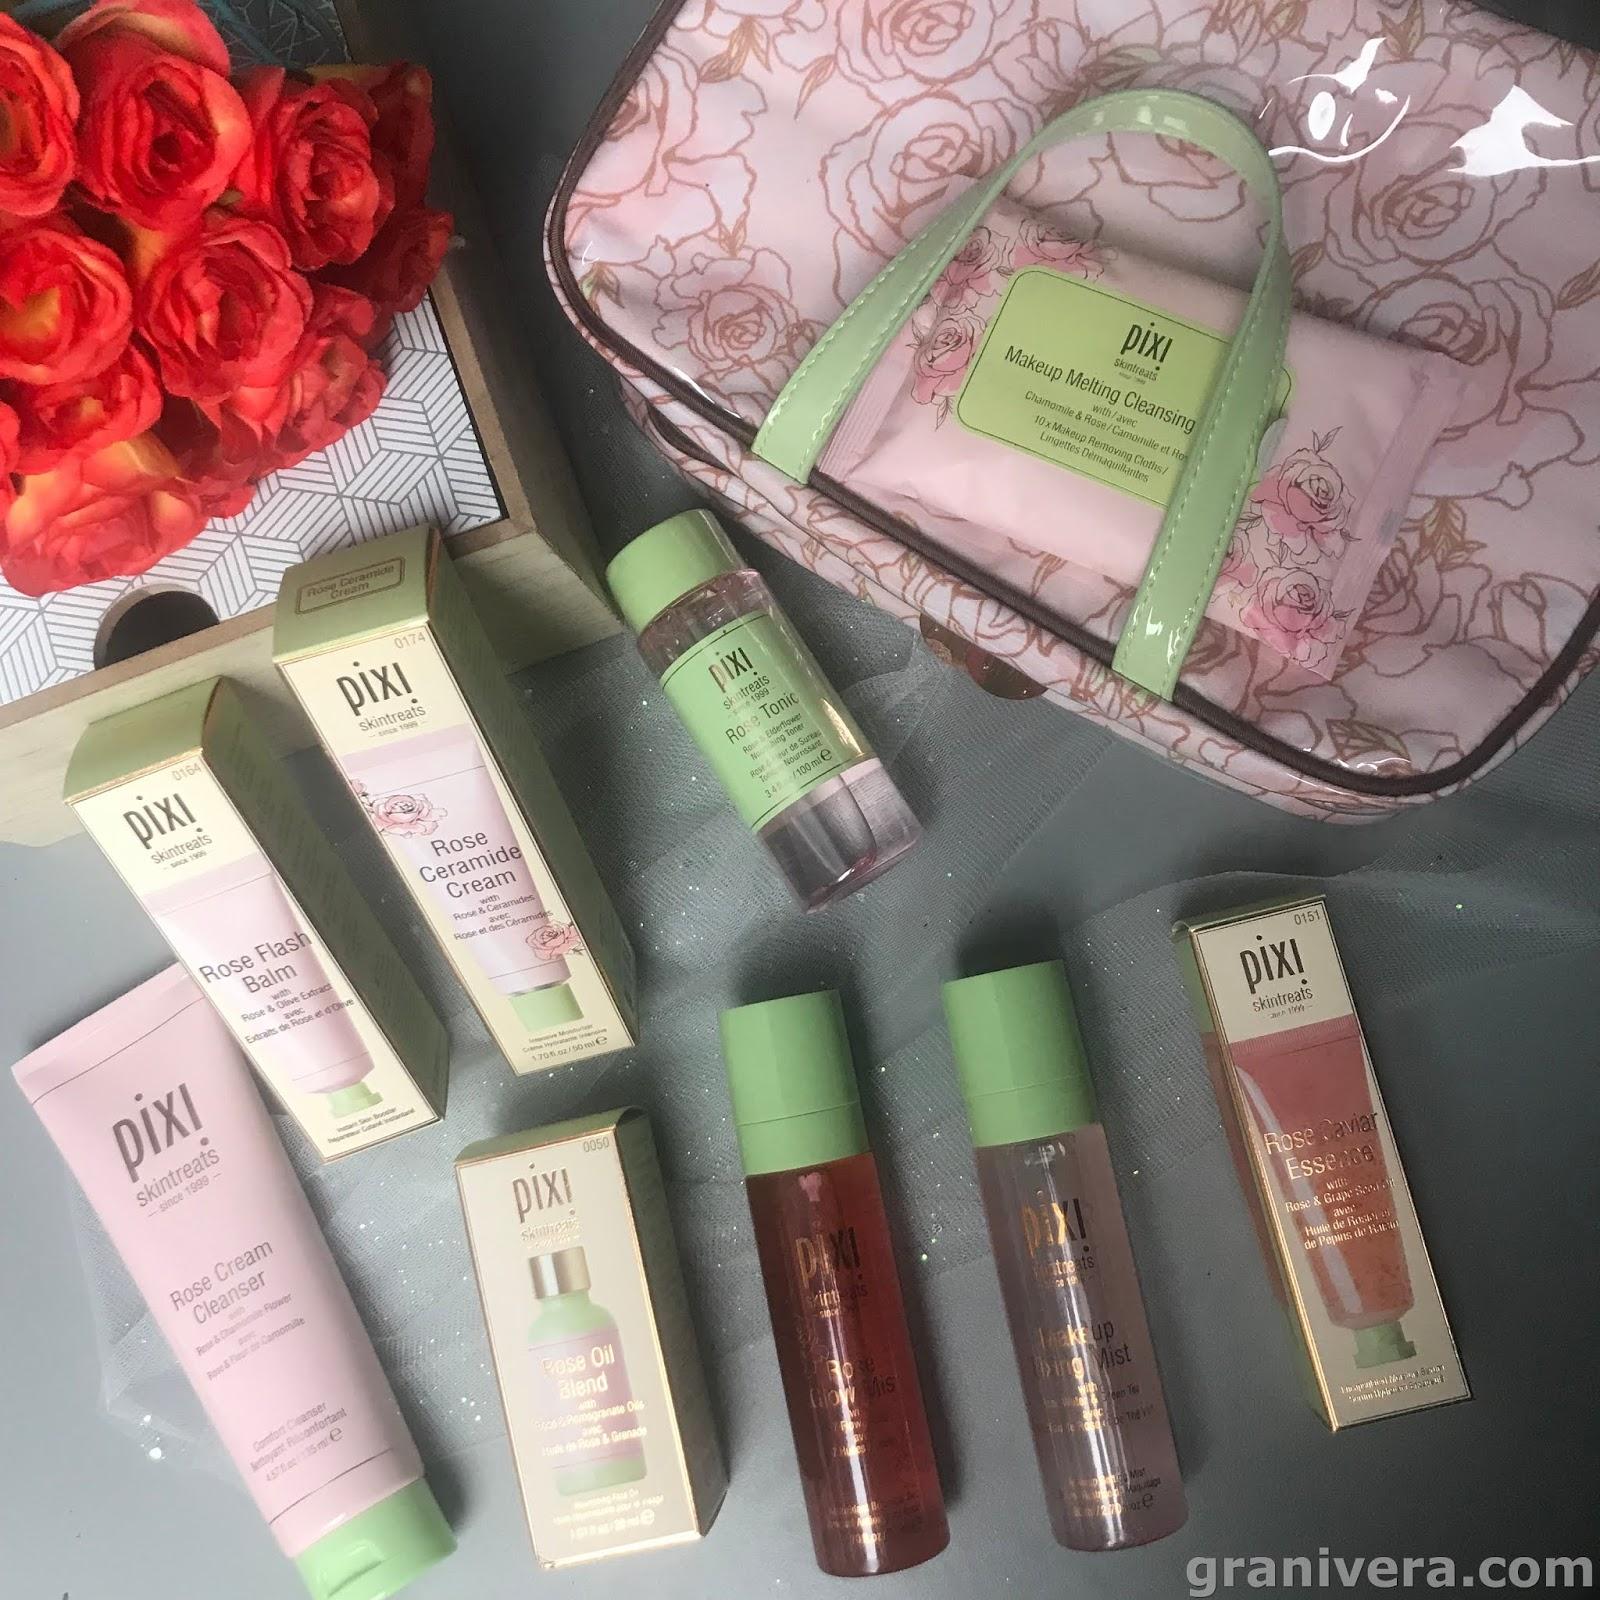 Nowości kosmetyczne stycznia- PIXI, TRUSTED COSMETICS, HOFFEN i jeden ... mój zakup kosmetyczny.